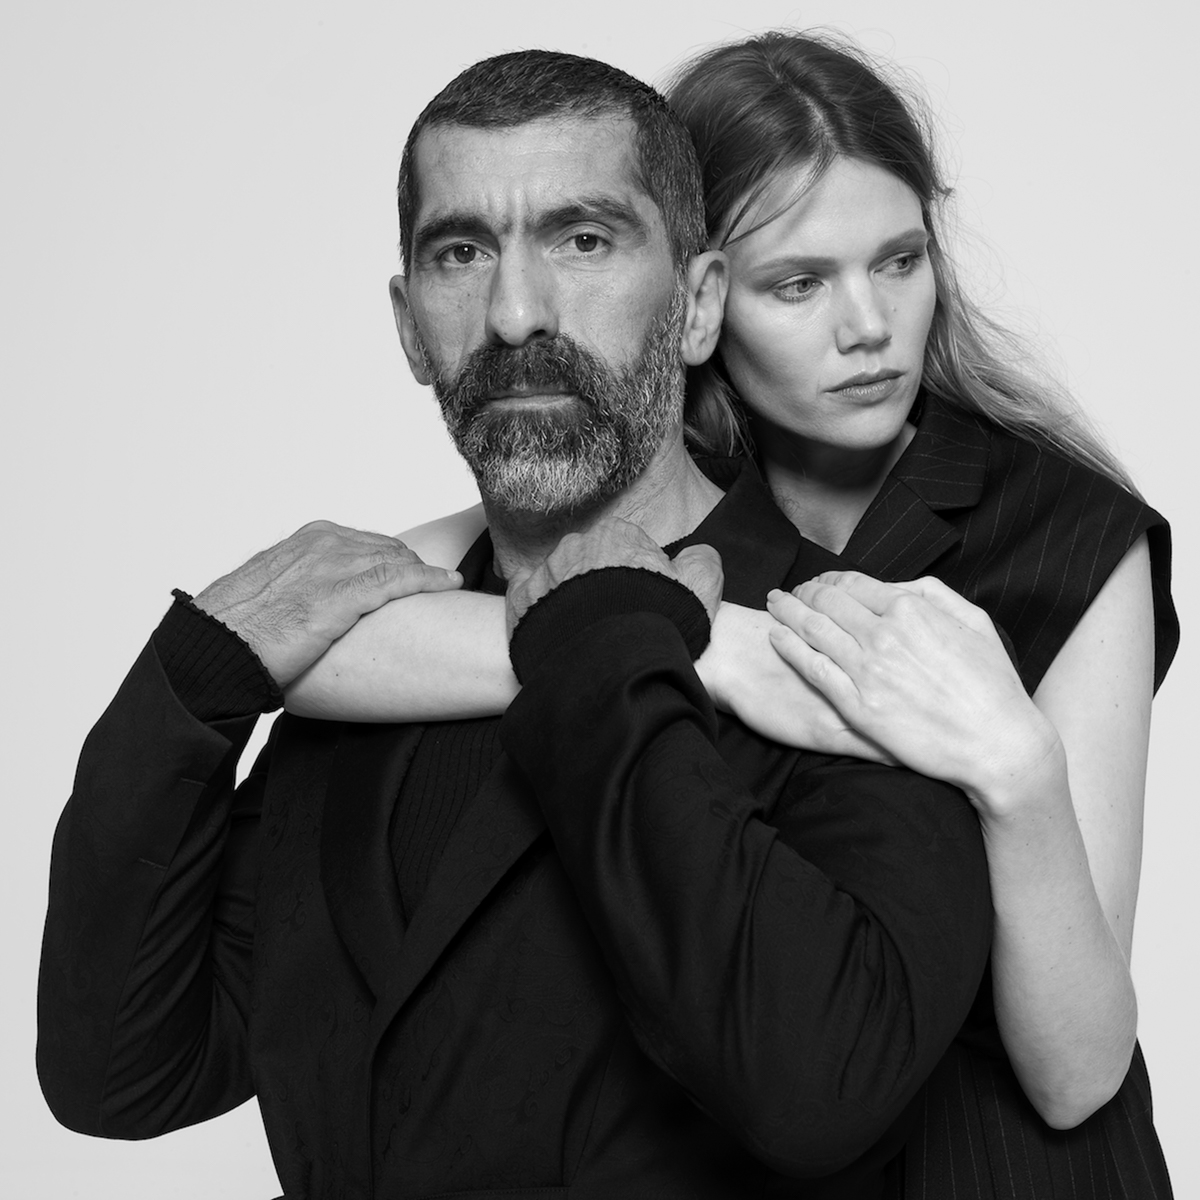 Richert Beil Mode Design Berlin 2017